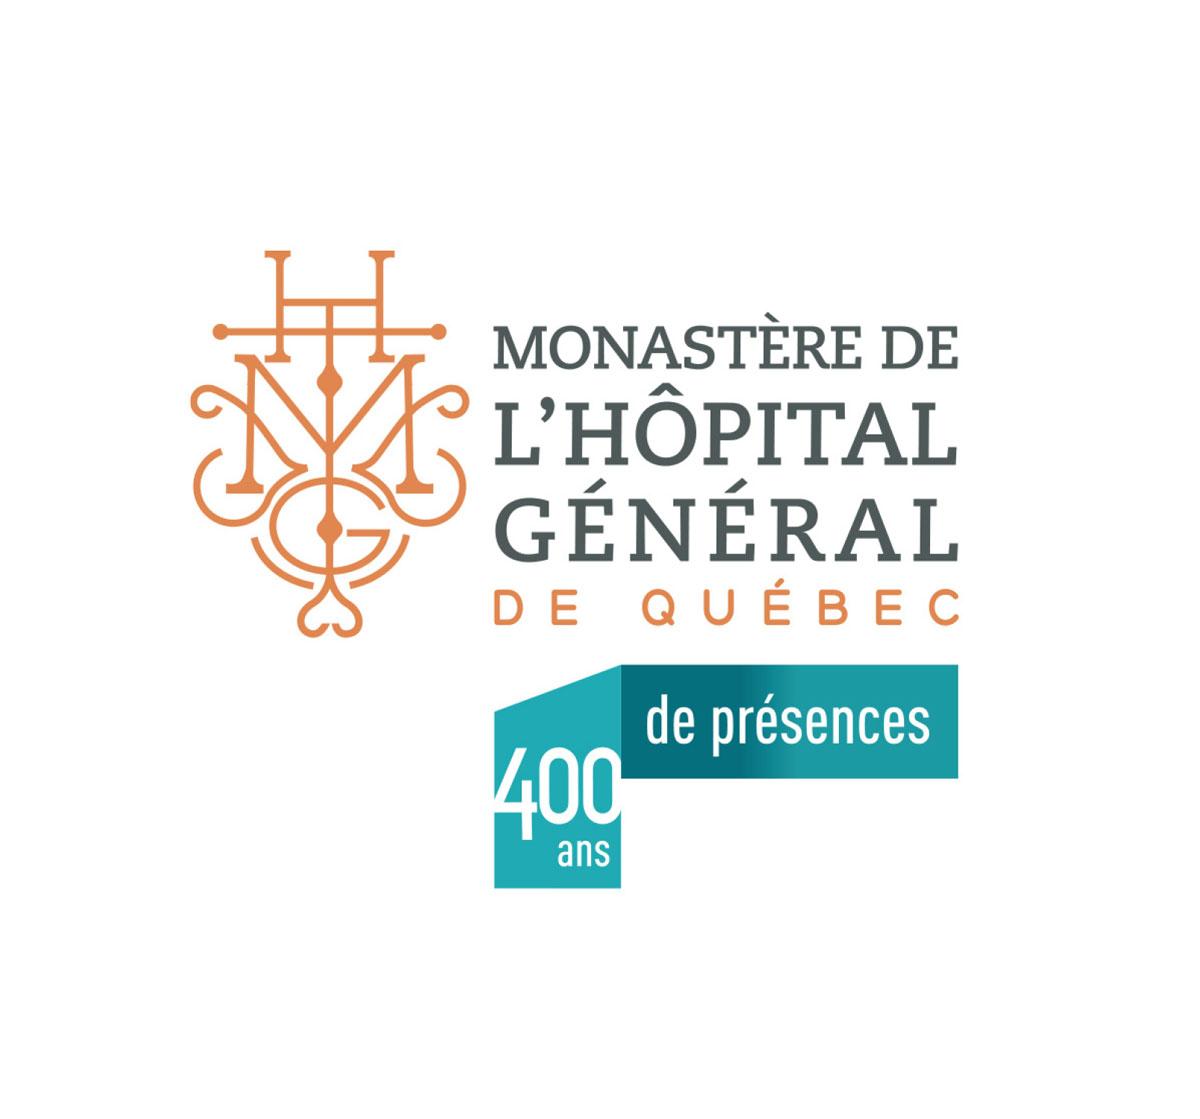 logo Monastère de l'hopitale général de québec